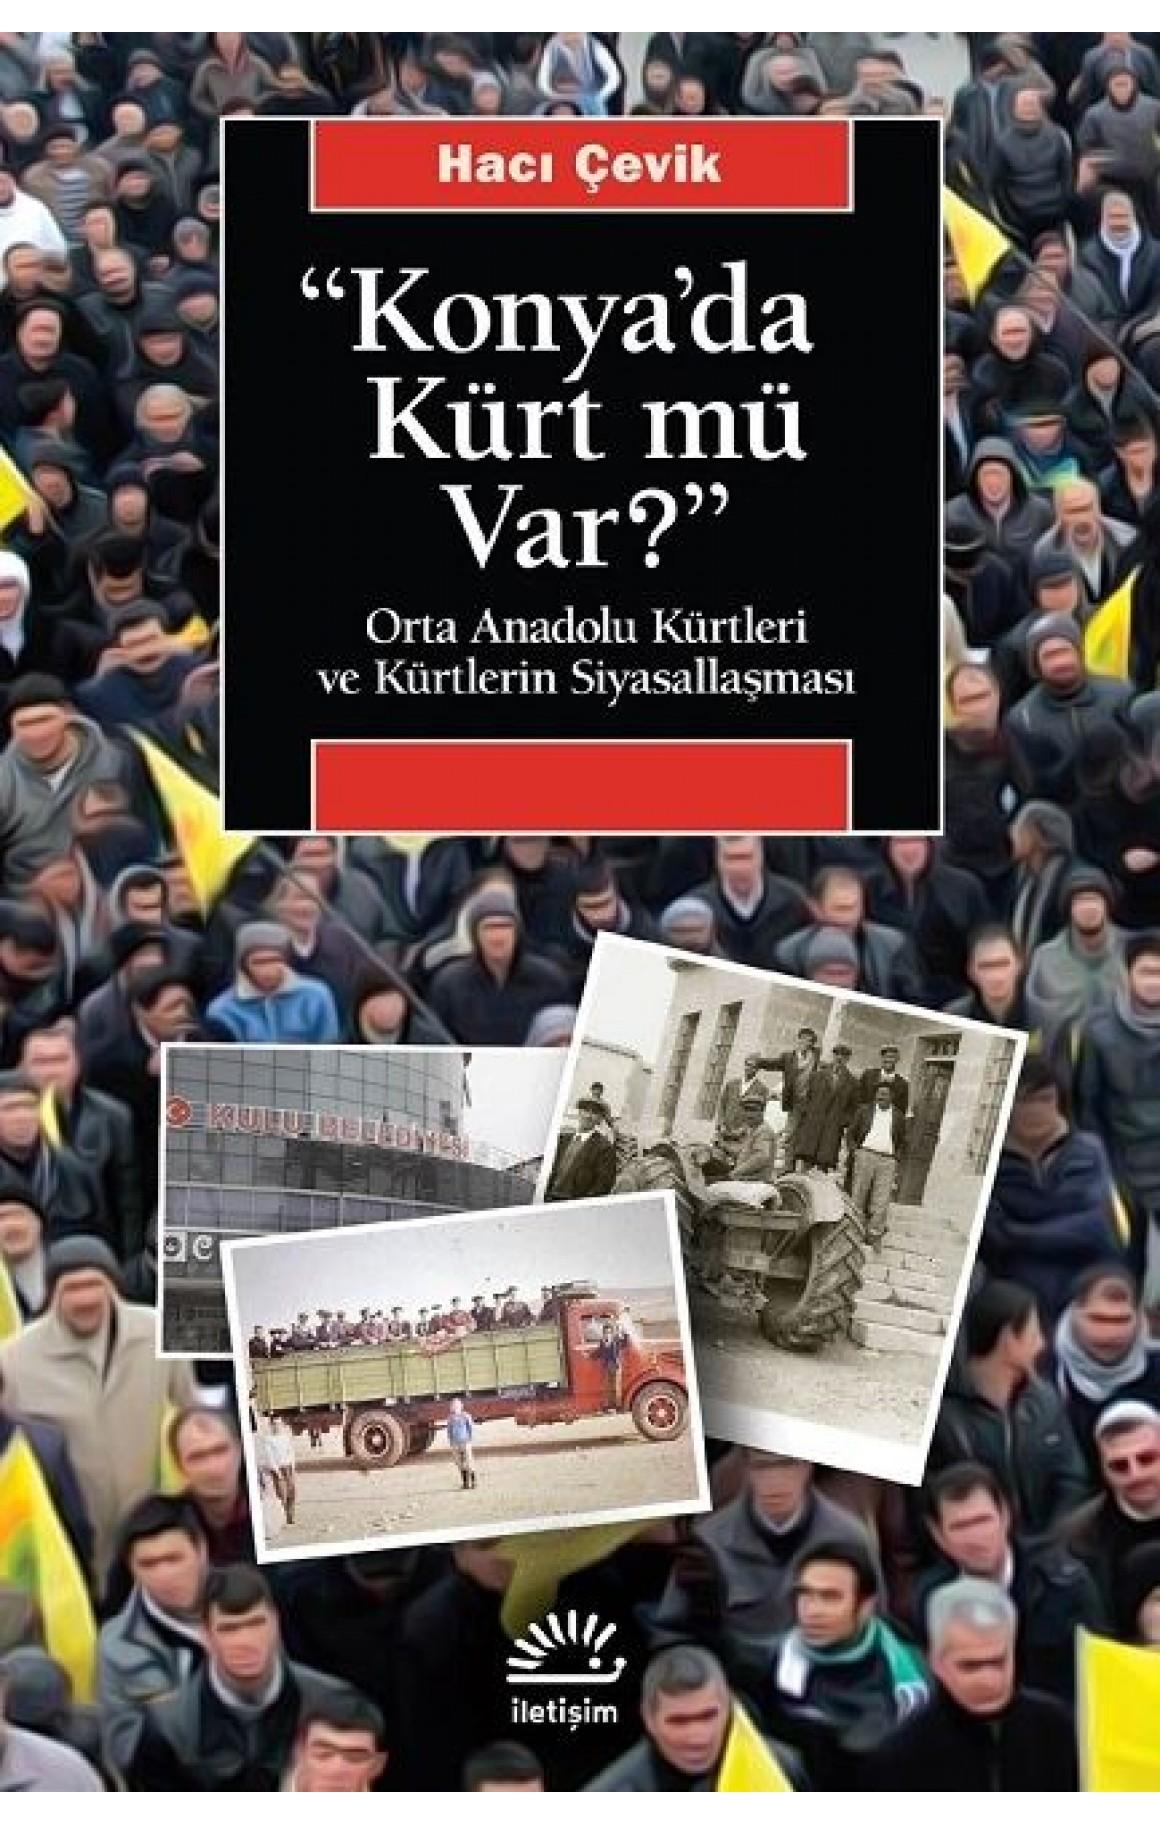 Konyada Kürt mü var? Orta Anadolu Kürtleri ve Kürtlerin Siyasallaşması